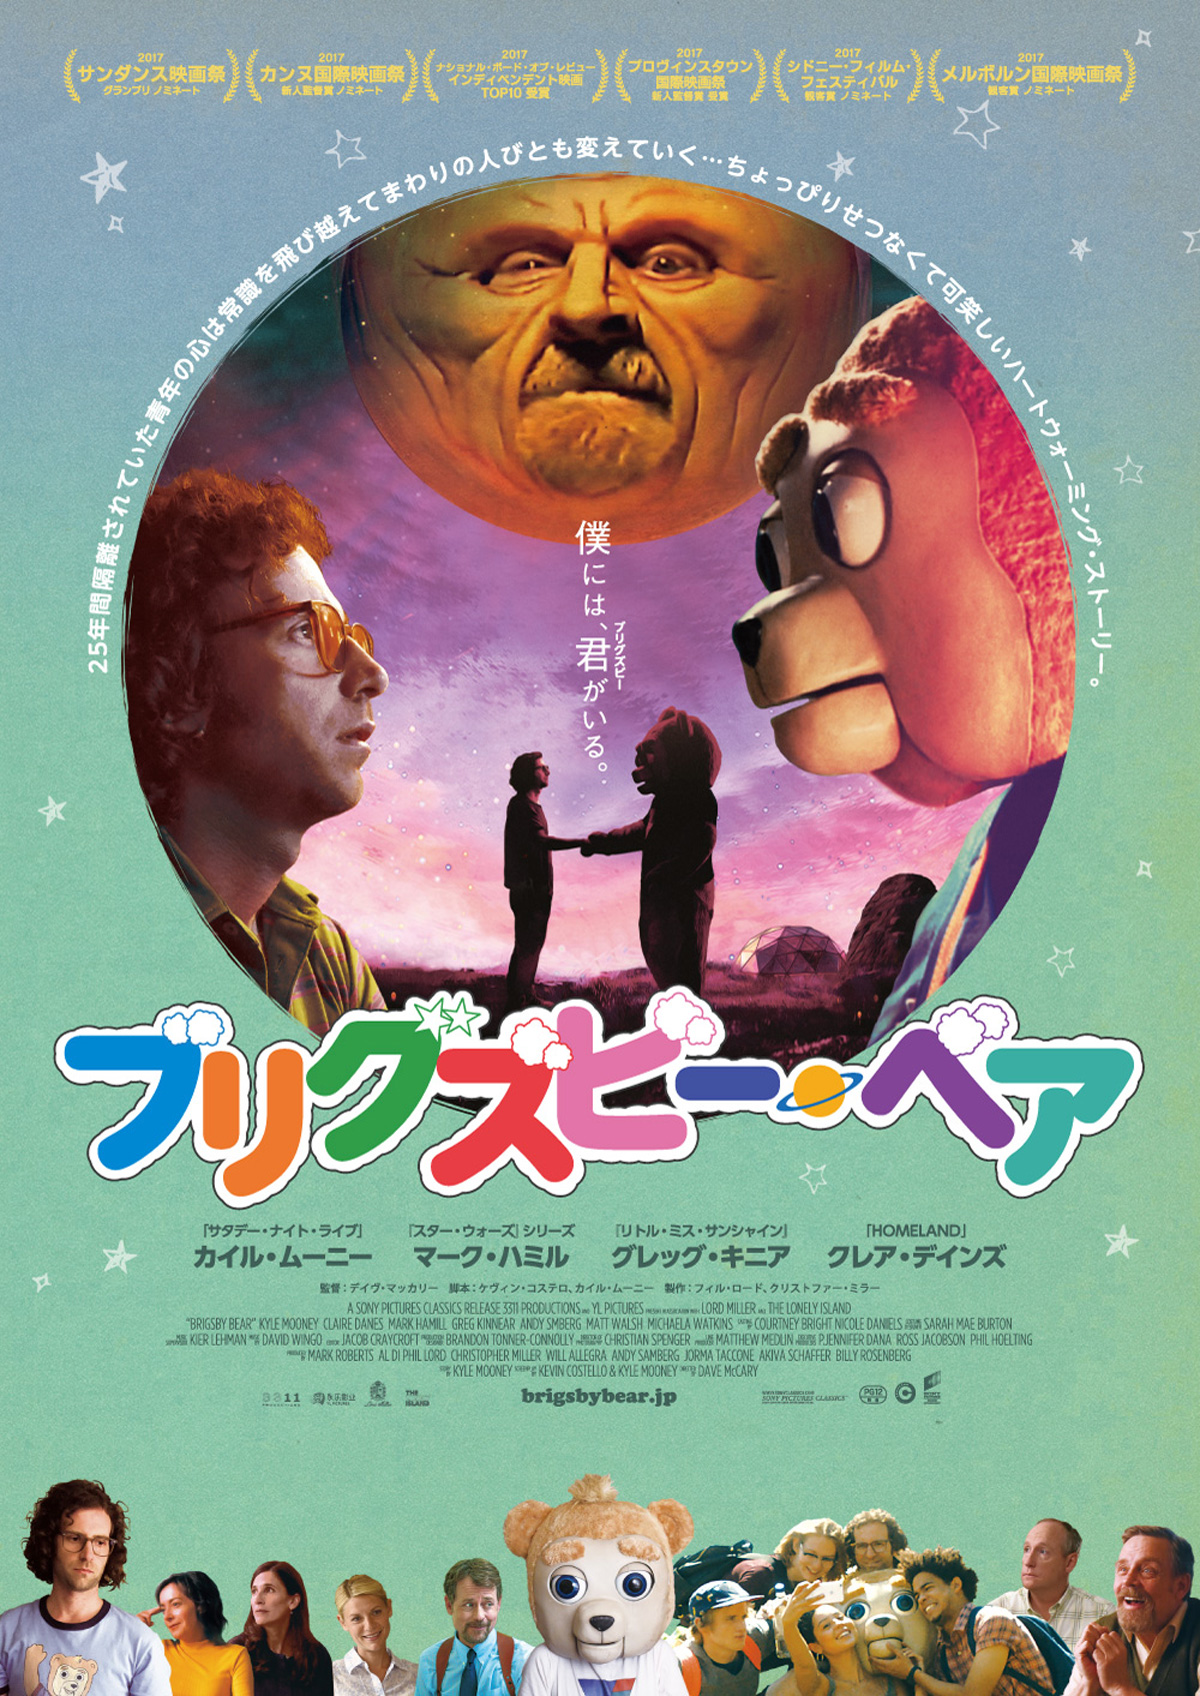 【7/3、池袋】映画『ブリグズビー・ベア』プレチケ上映企画!